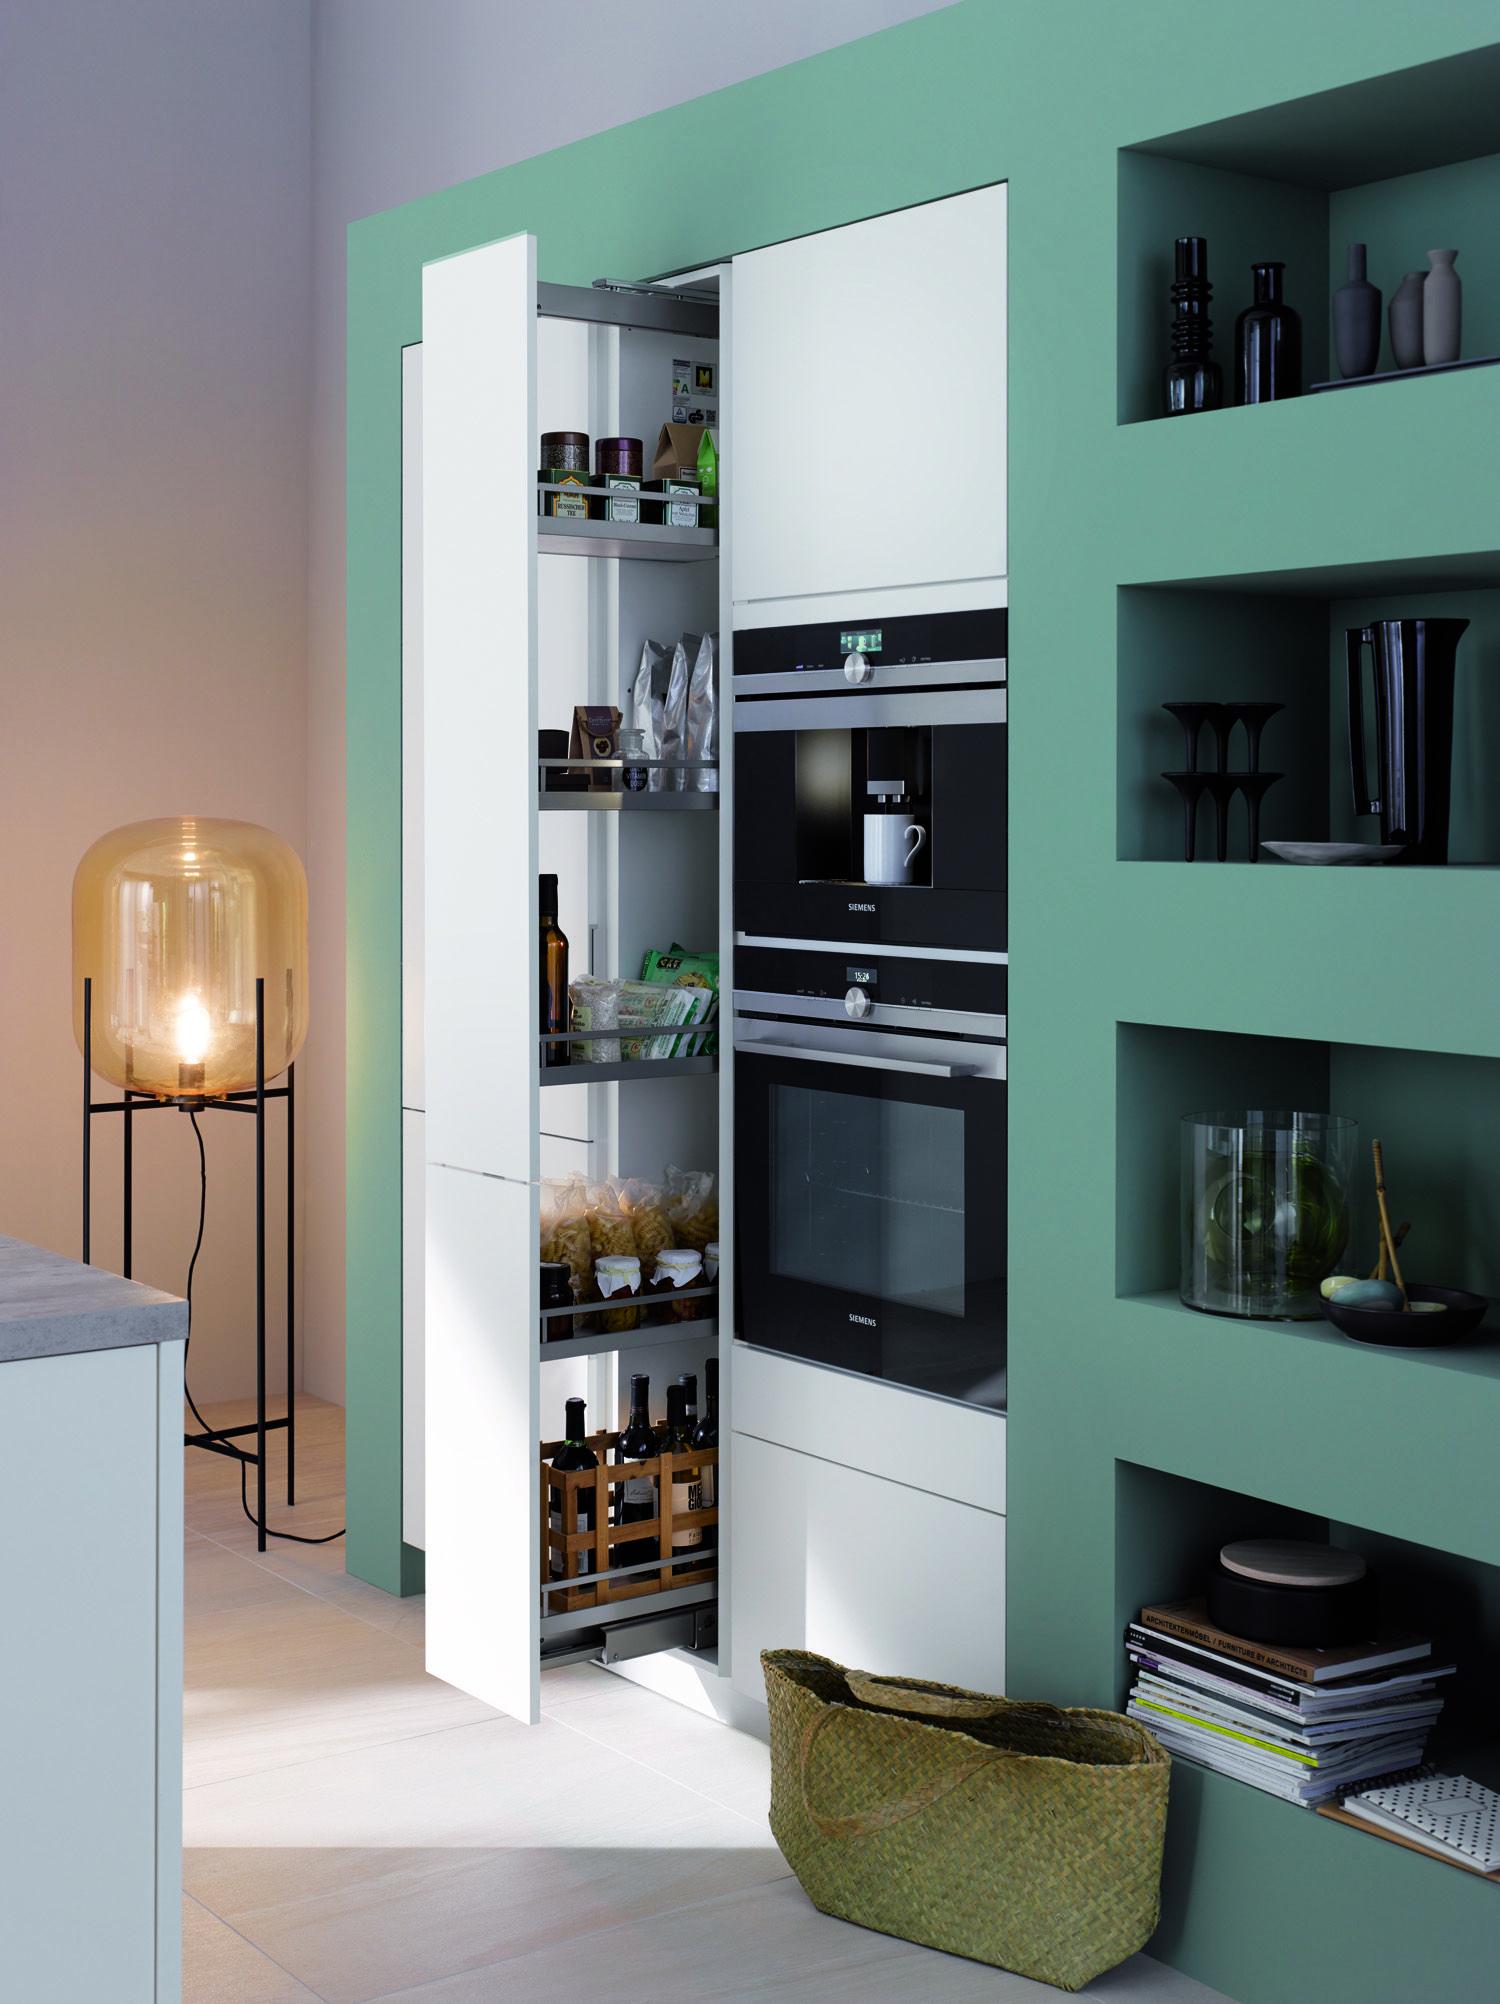 farbige w nde in der k che die 7 besten tipps f r die wandgestaltung k chenfarbe ideen und. Black Bedroom Furniture Sets. Home Design Ideas